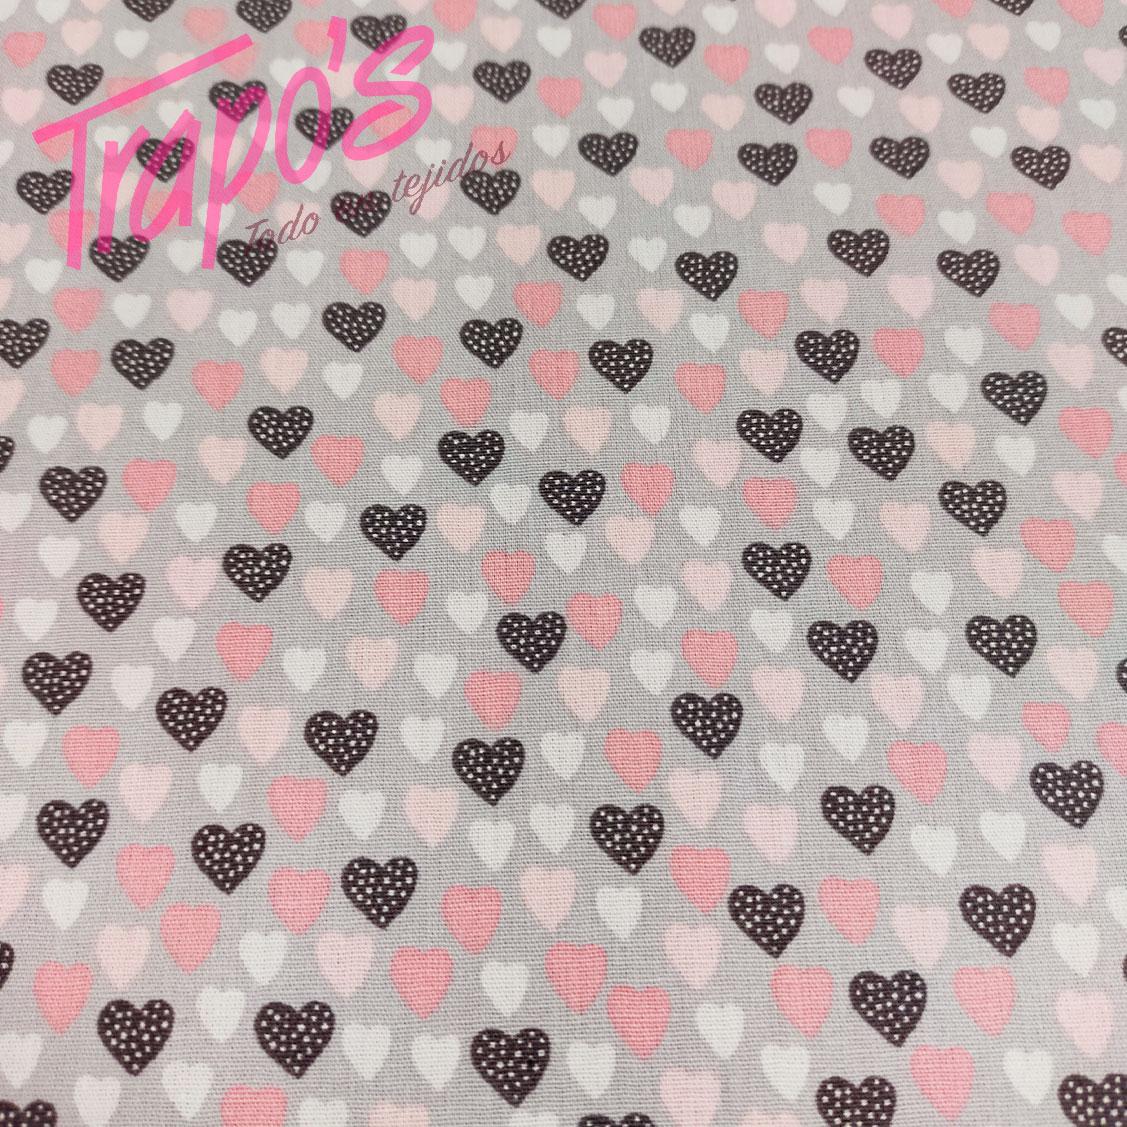 corazon-negro-y-rosa3